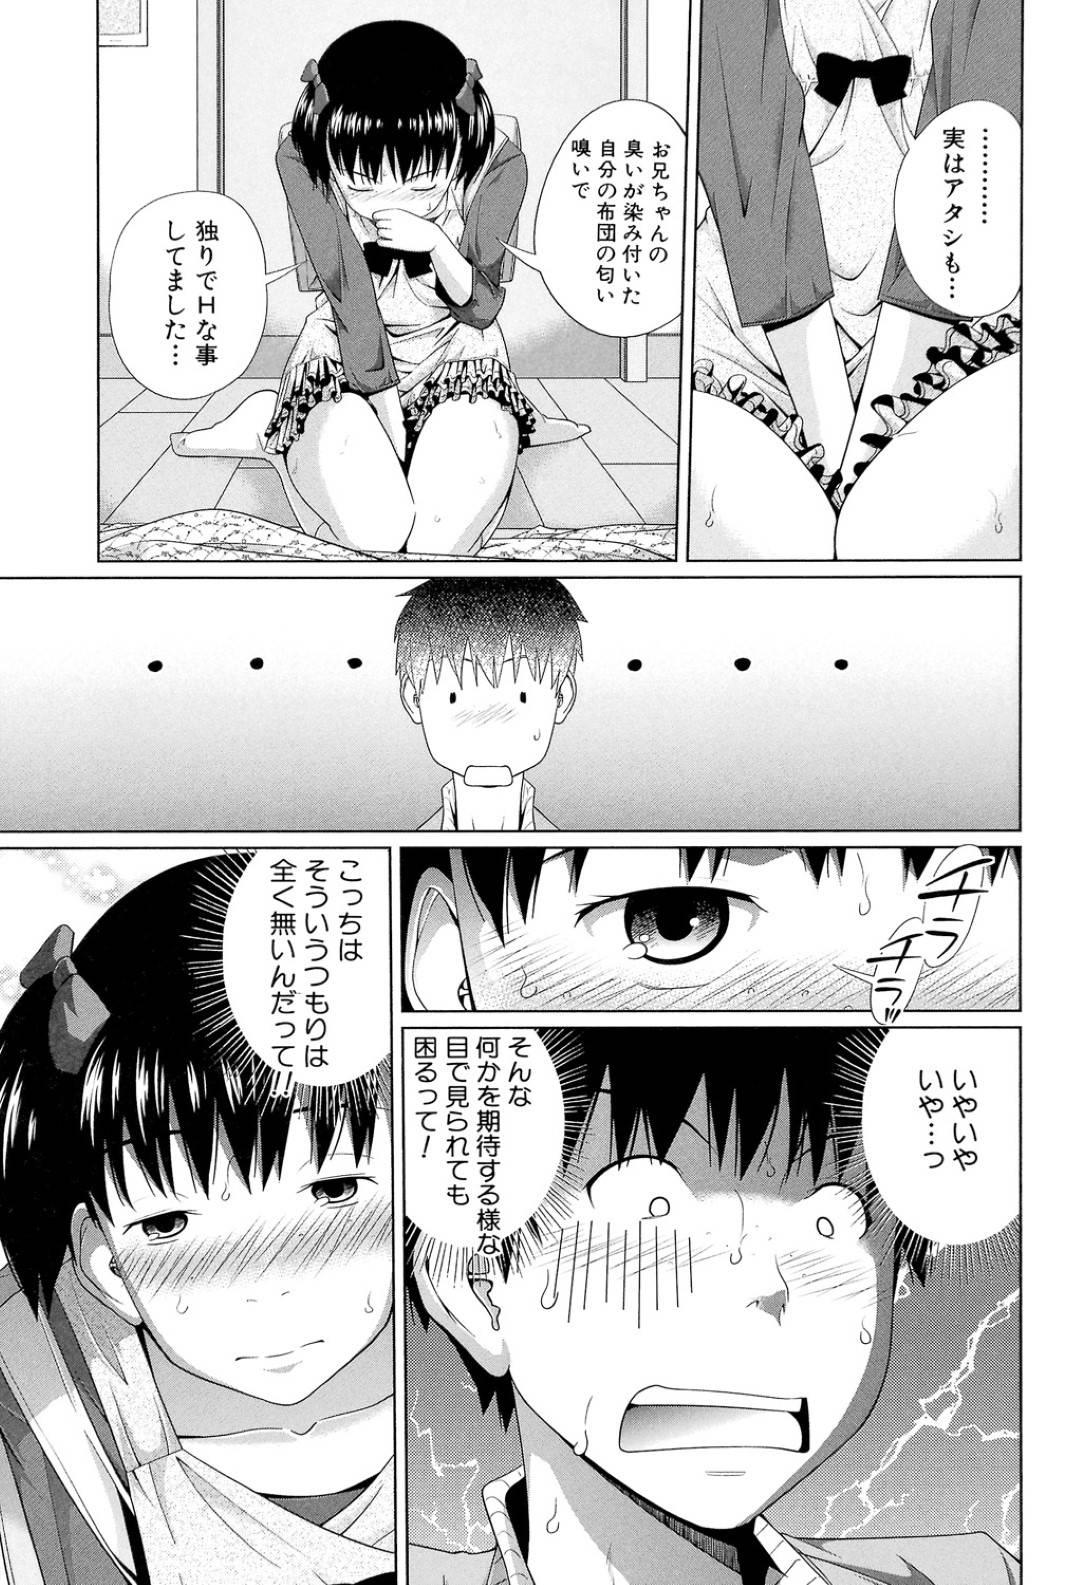 【妹エロ漫画】妹が学校に向かう度、妹の部屋で妹の匂いを嗅いでオナニーしていた兄。その姿を妹に見られてしまう。妹も兄のオナニー後臭いでオナニーしており、お互いカミングアウトしてエッチすることになる。【椿十四郎】